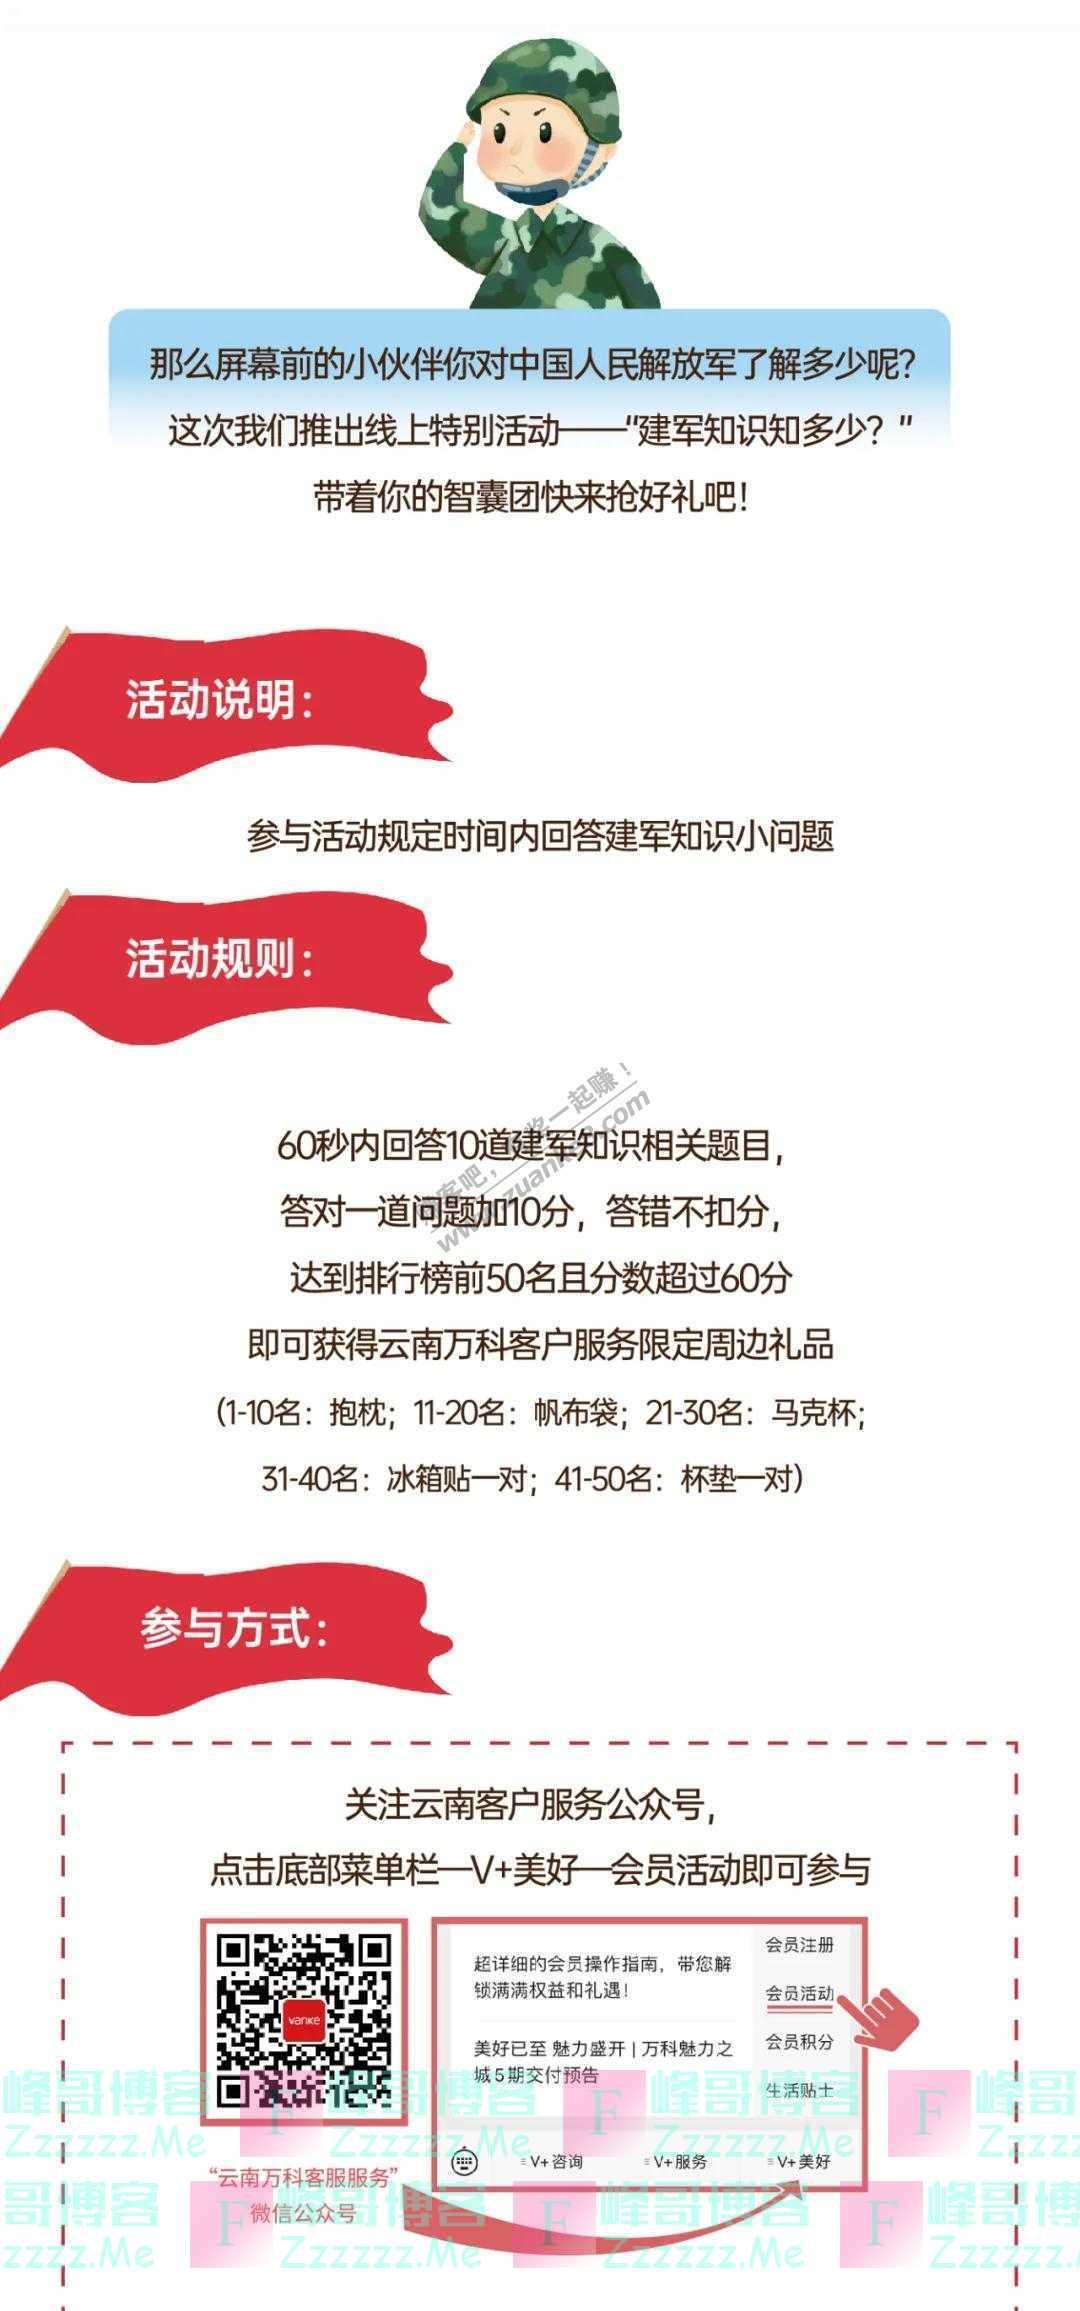 云南万科客户服务建军节特辑|你对解放军了解多少呢(截止8月6日)